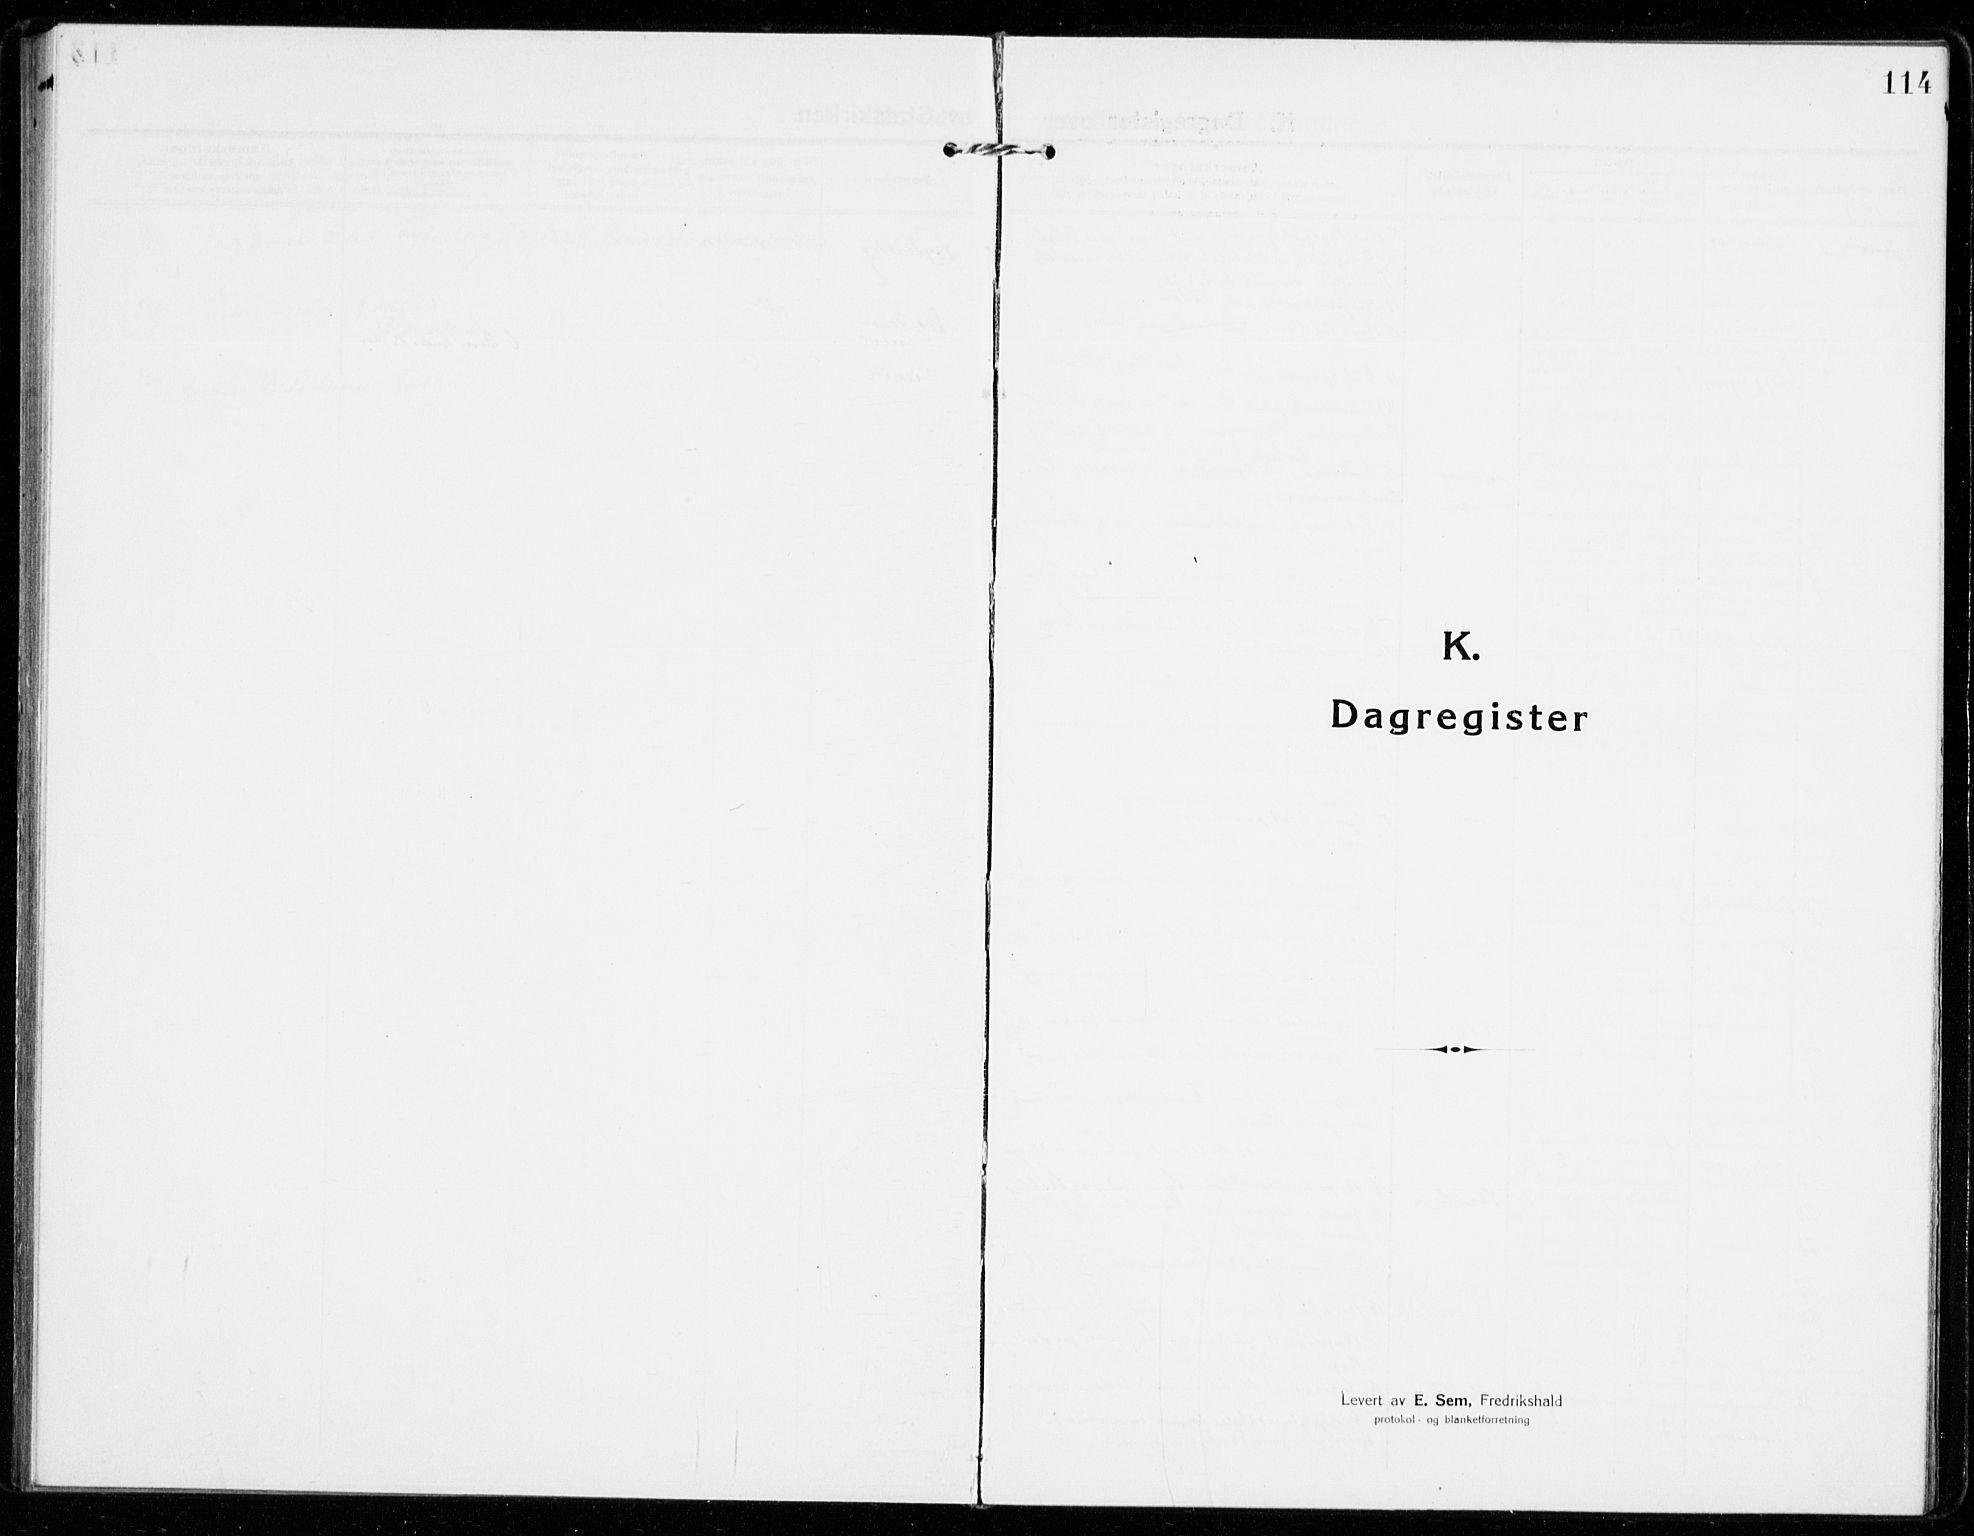 SAKO, Sandar kirkebøker, F/Fa/L0020: Ministerialbok nr. 20, 1915-1919, s. 114